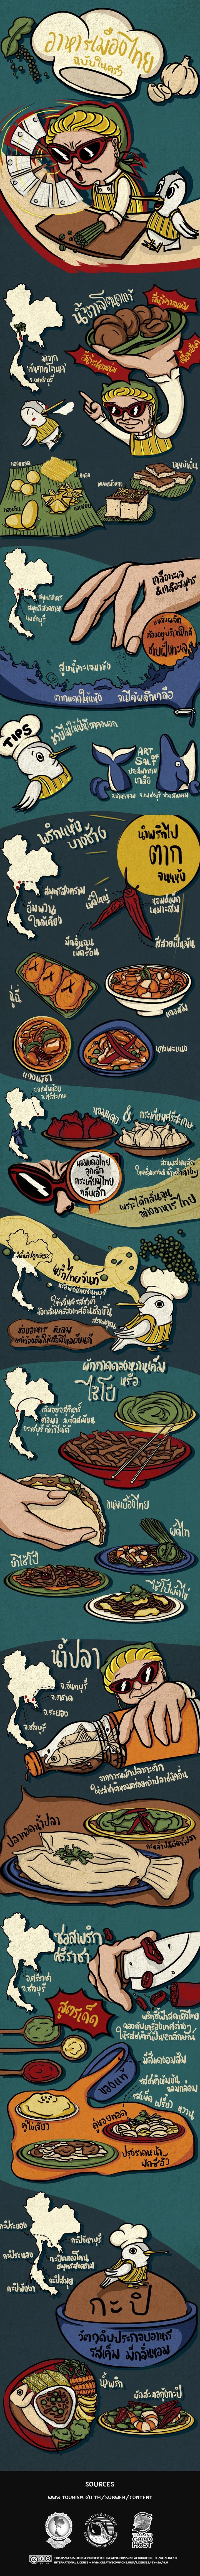 [Infographic] เจ้าบ้านที่ดี EP.1 แหล่งวัตถุดิบ เครื่องปรุง อาหารไทย